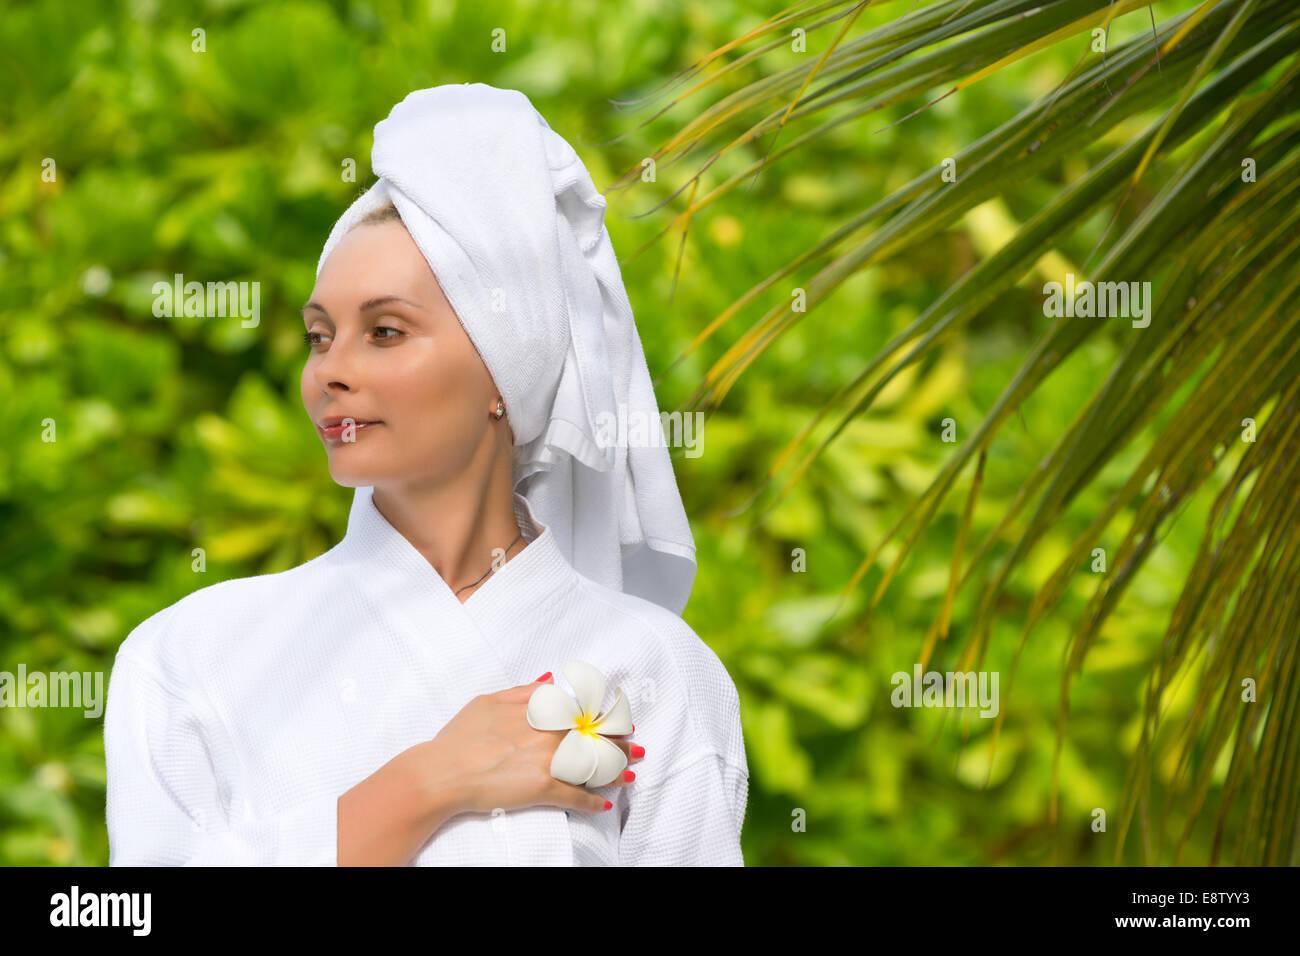 Salute, Spa e il concetto di bellezza - bella donna di asciugamano Immagini Stock